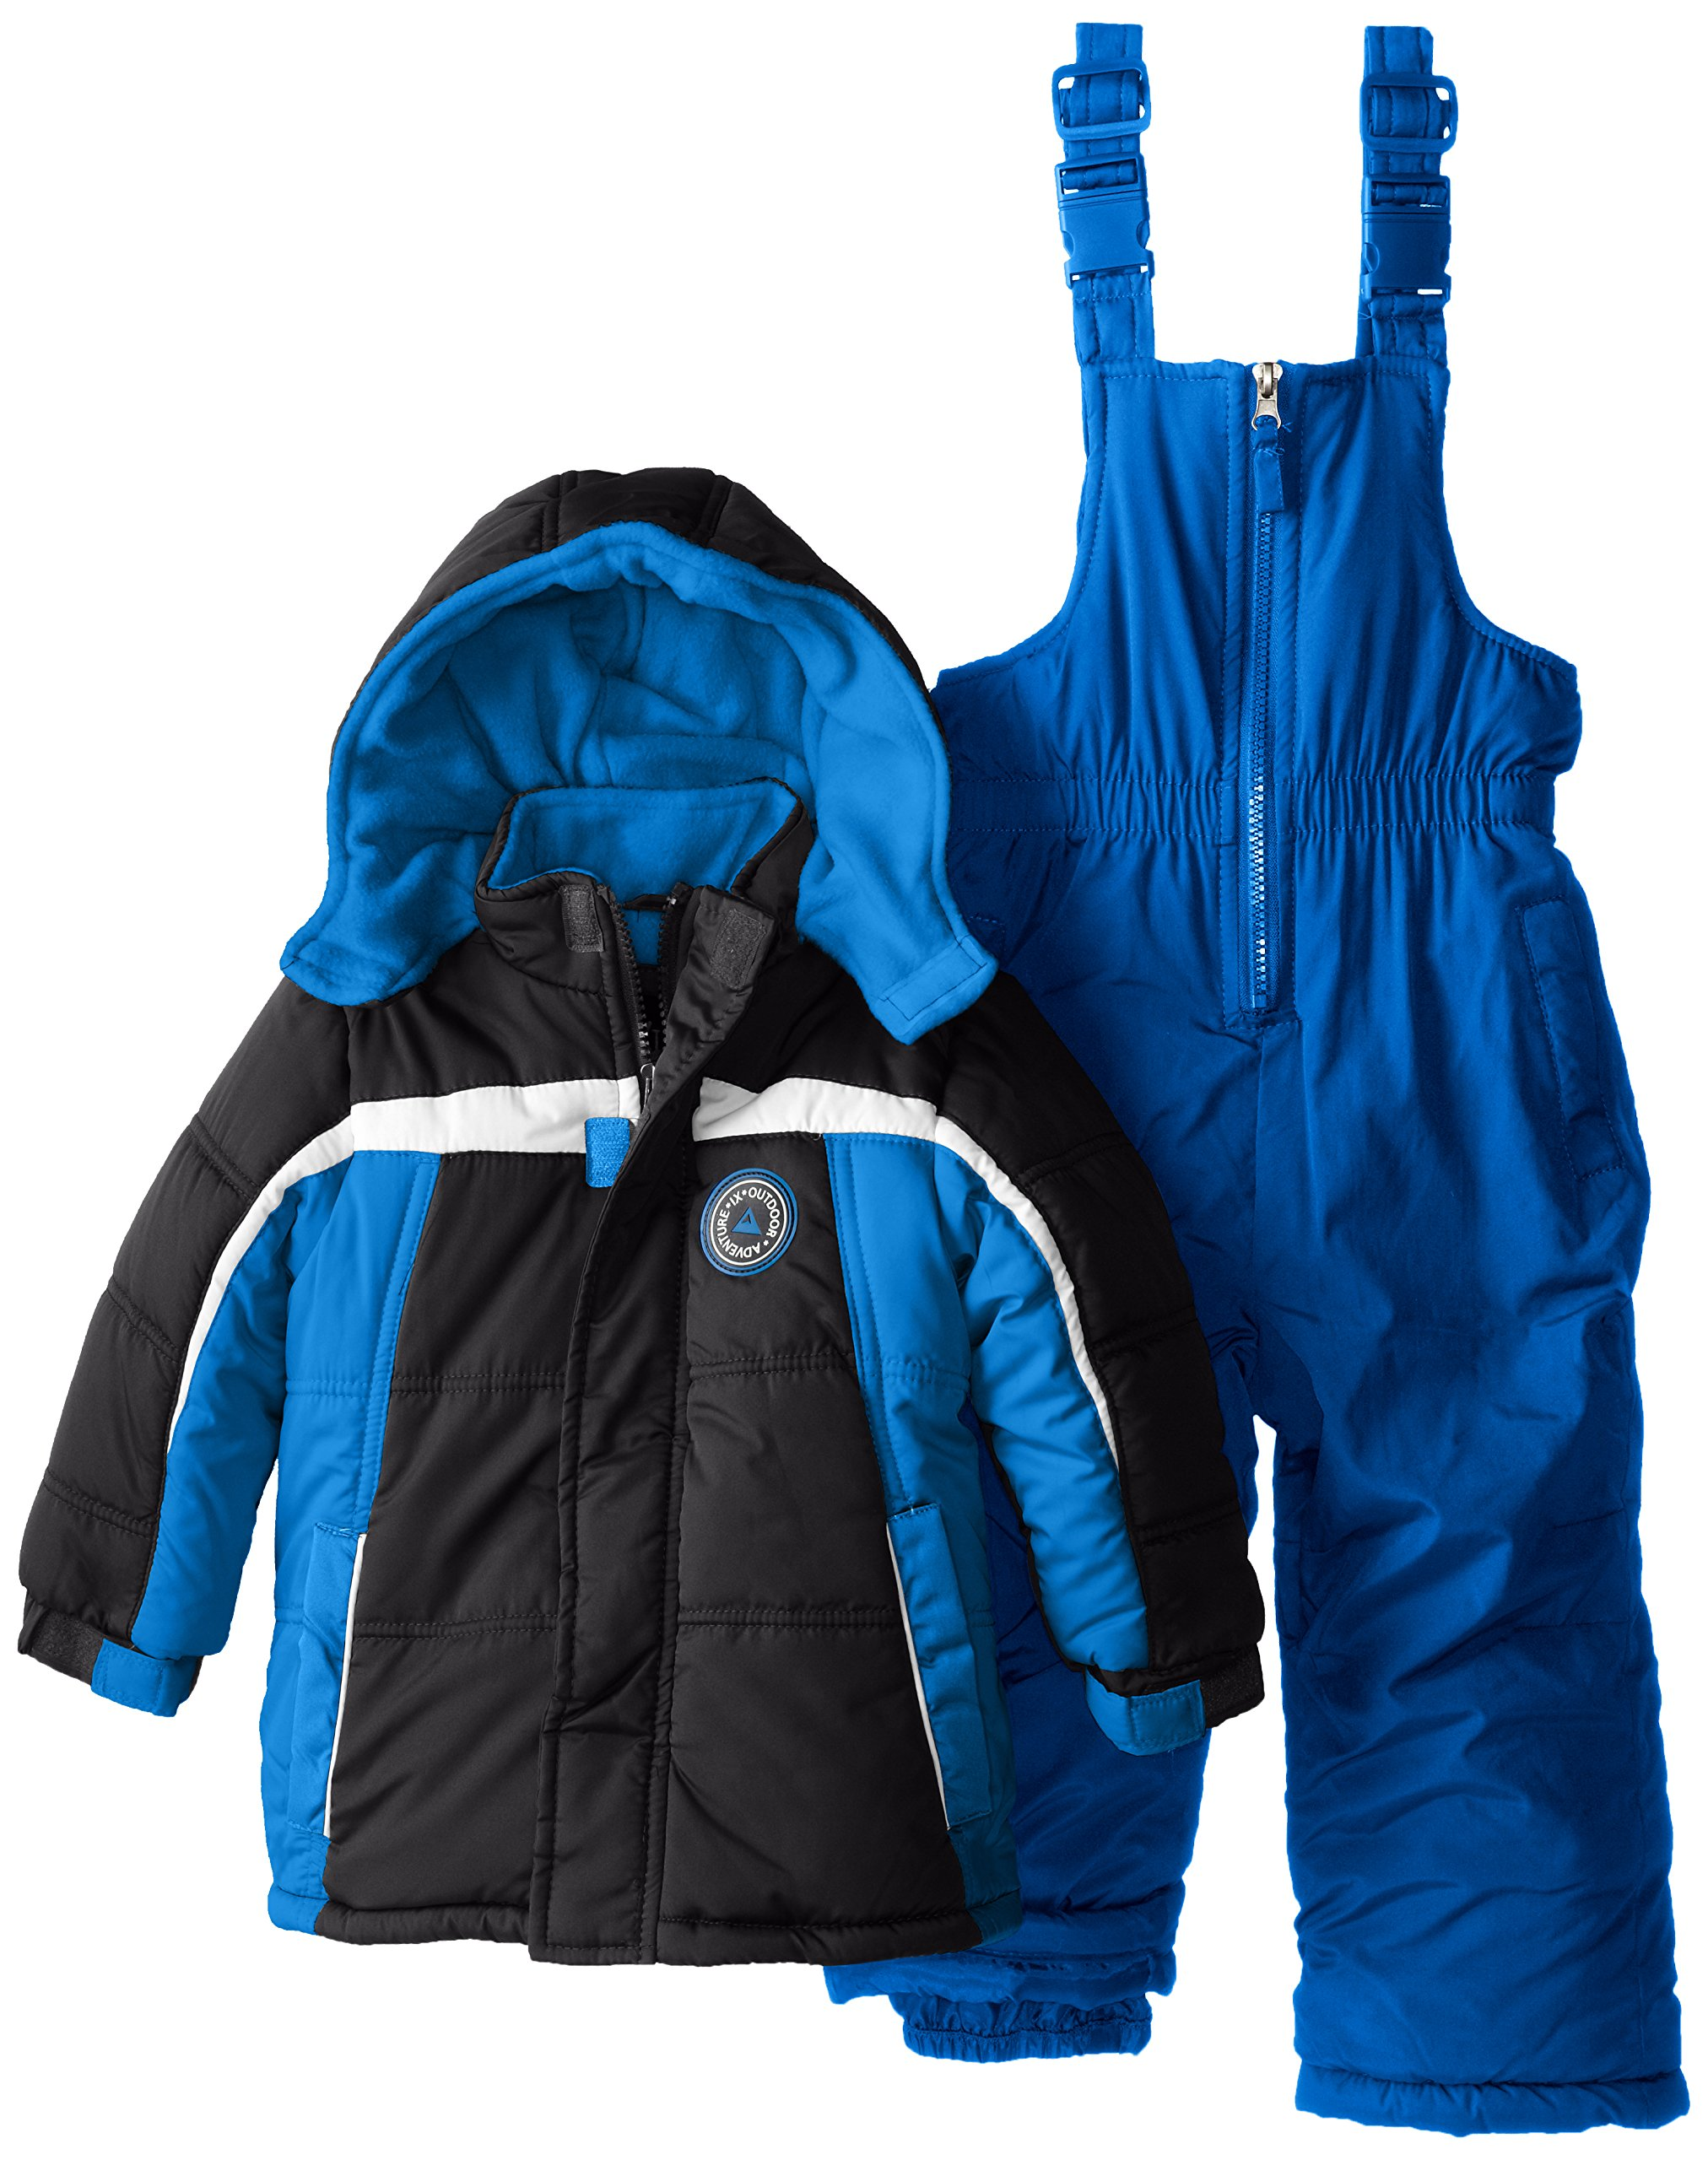 iXtreme Little Boys' Colorblock Snowsuit, Royal, 4T